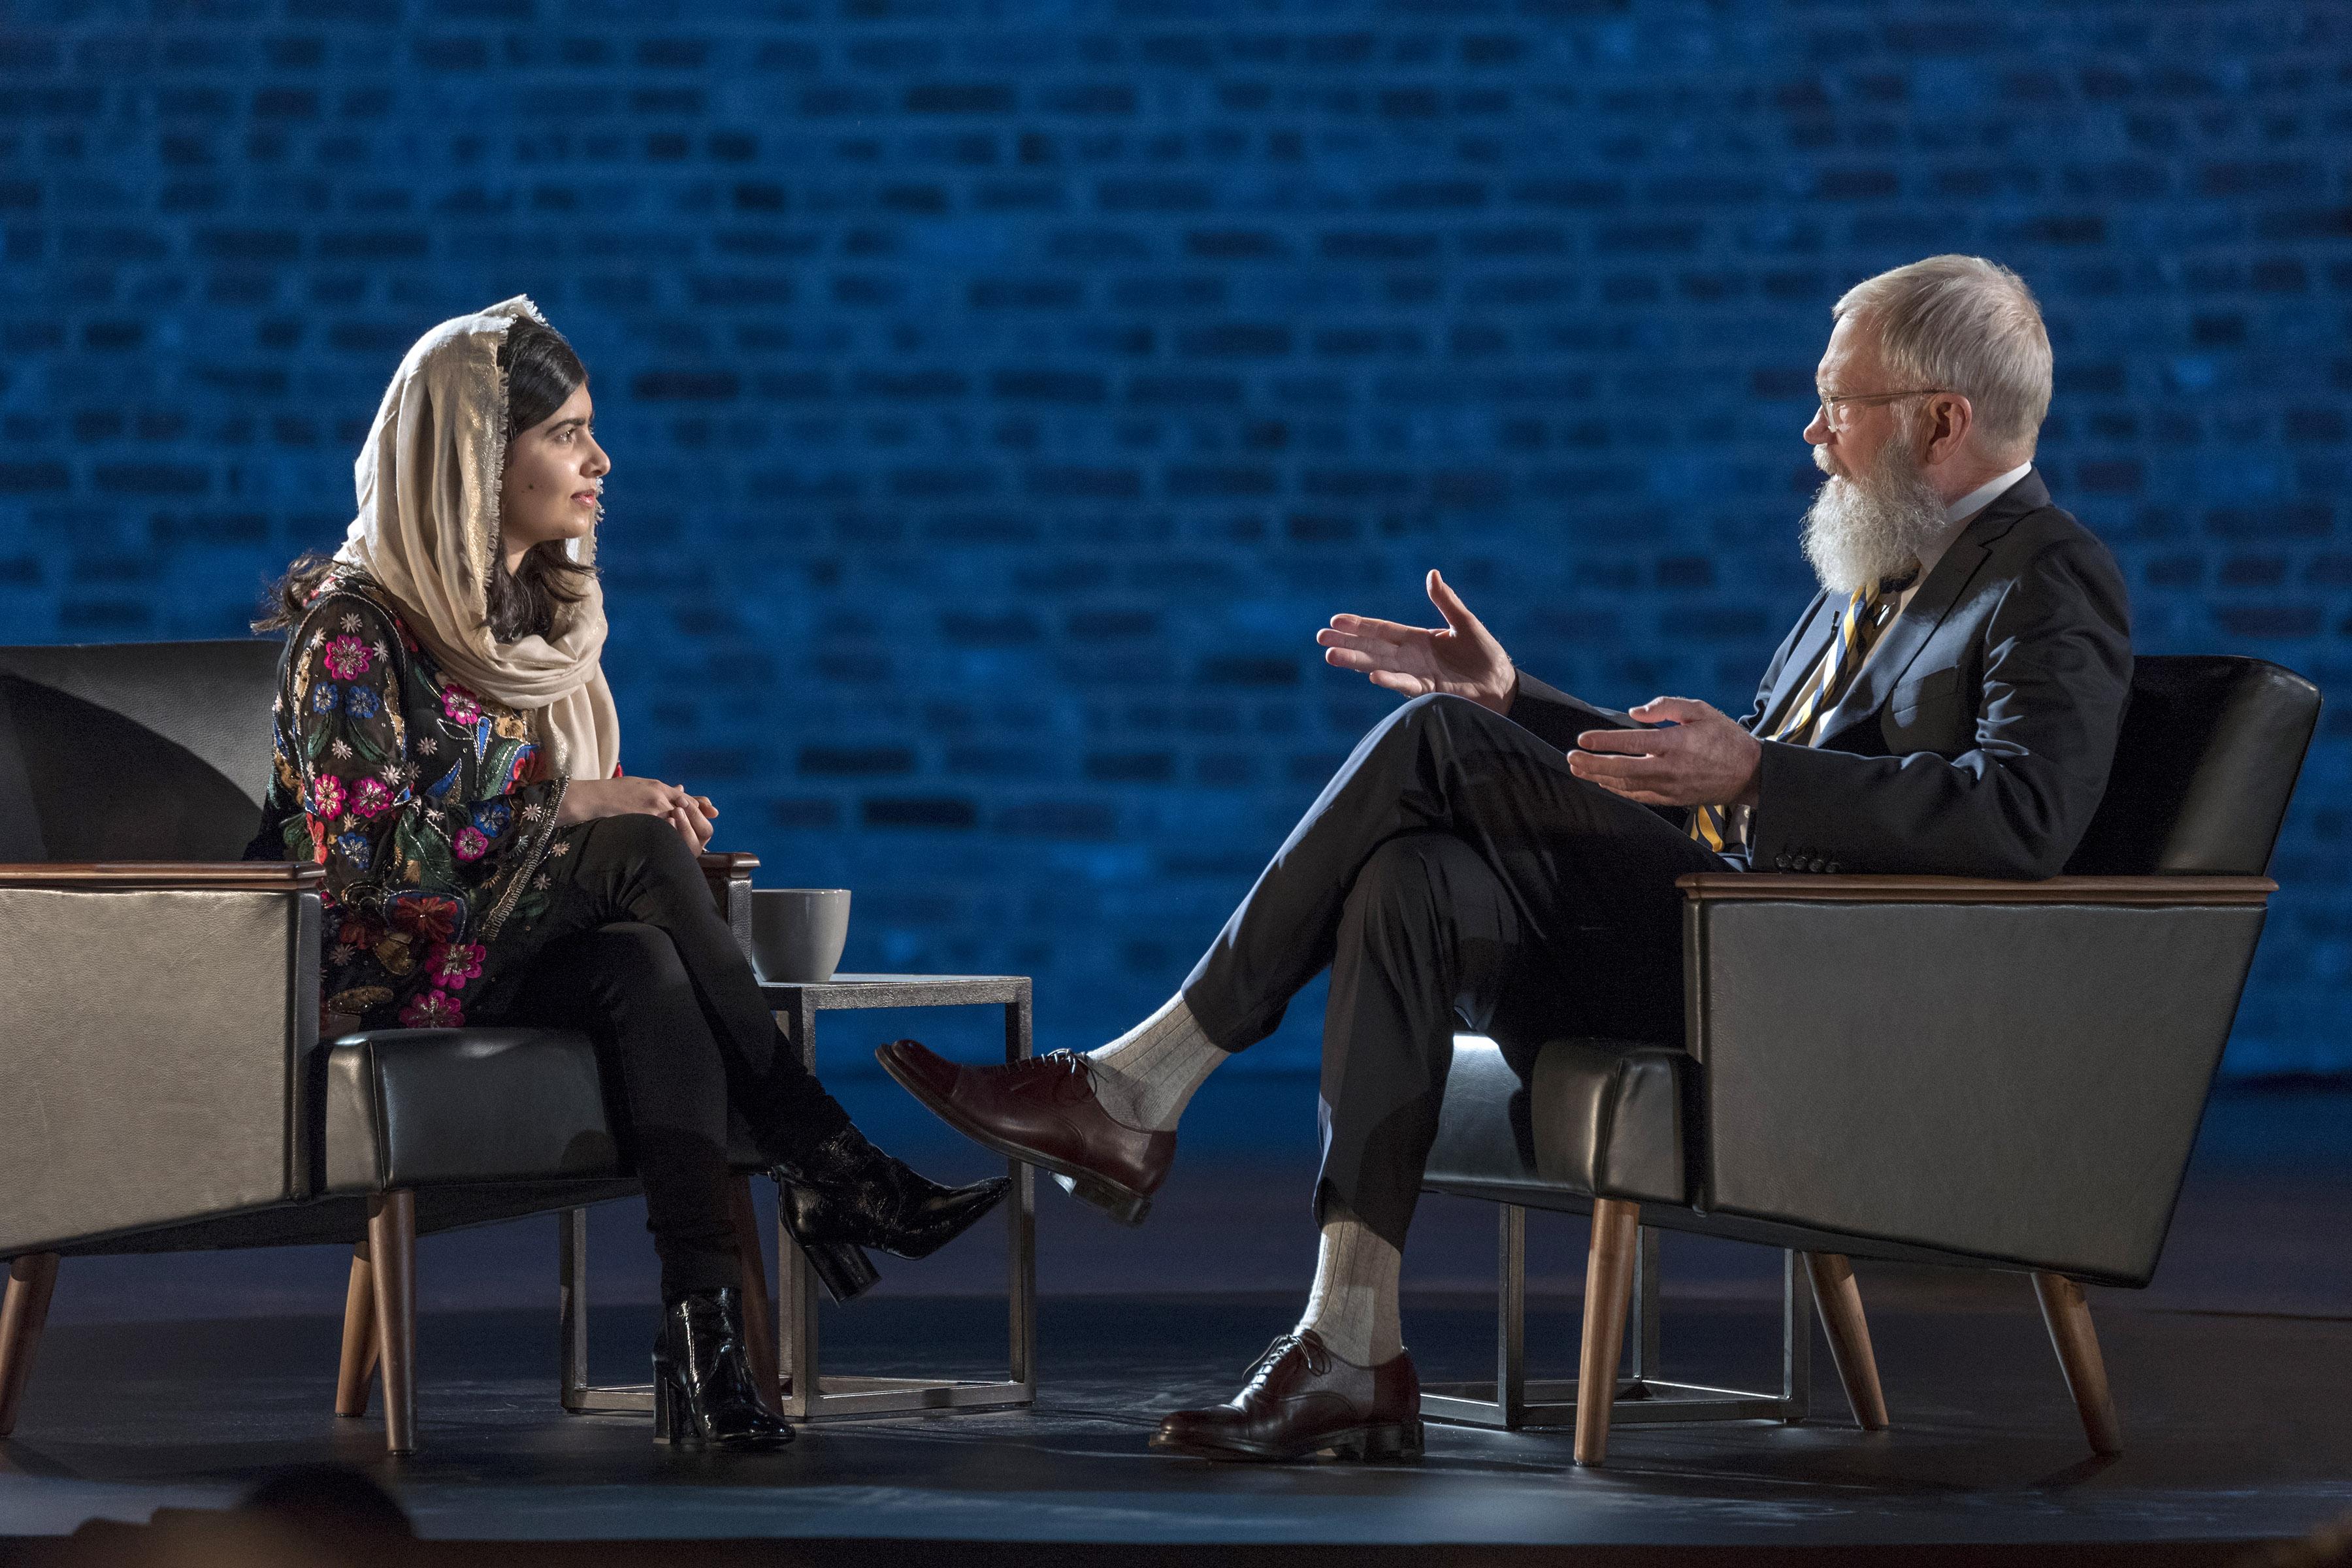 O Próximo Convidado Dispensa Apresentação com David Letterman: Malala Yousafzai